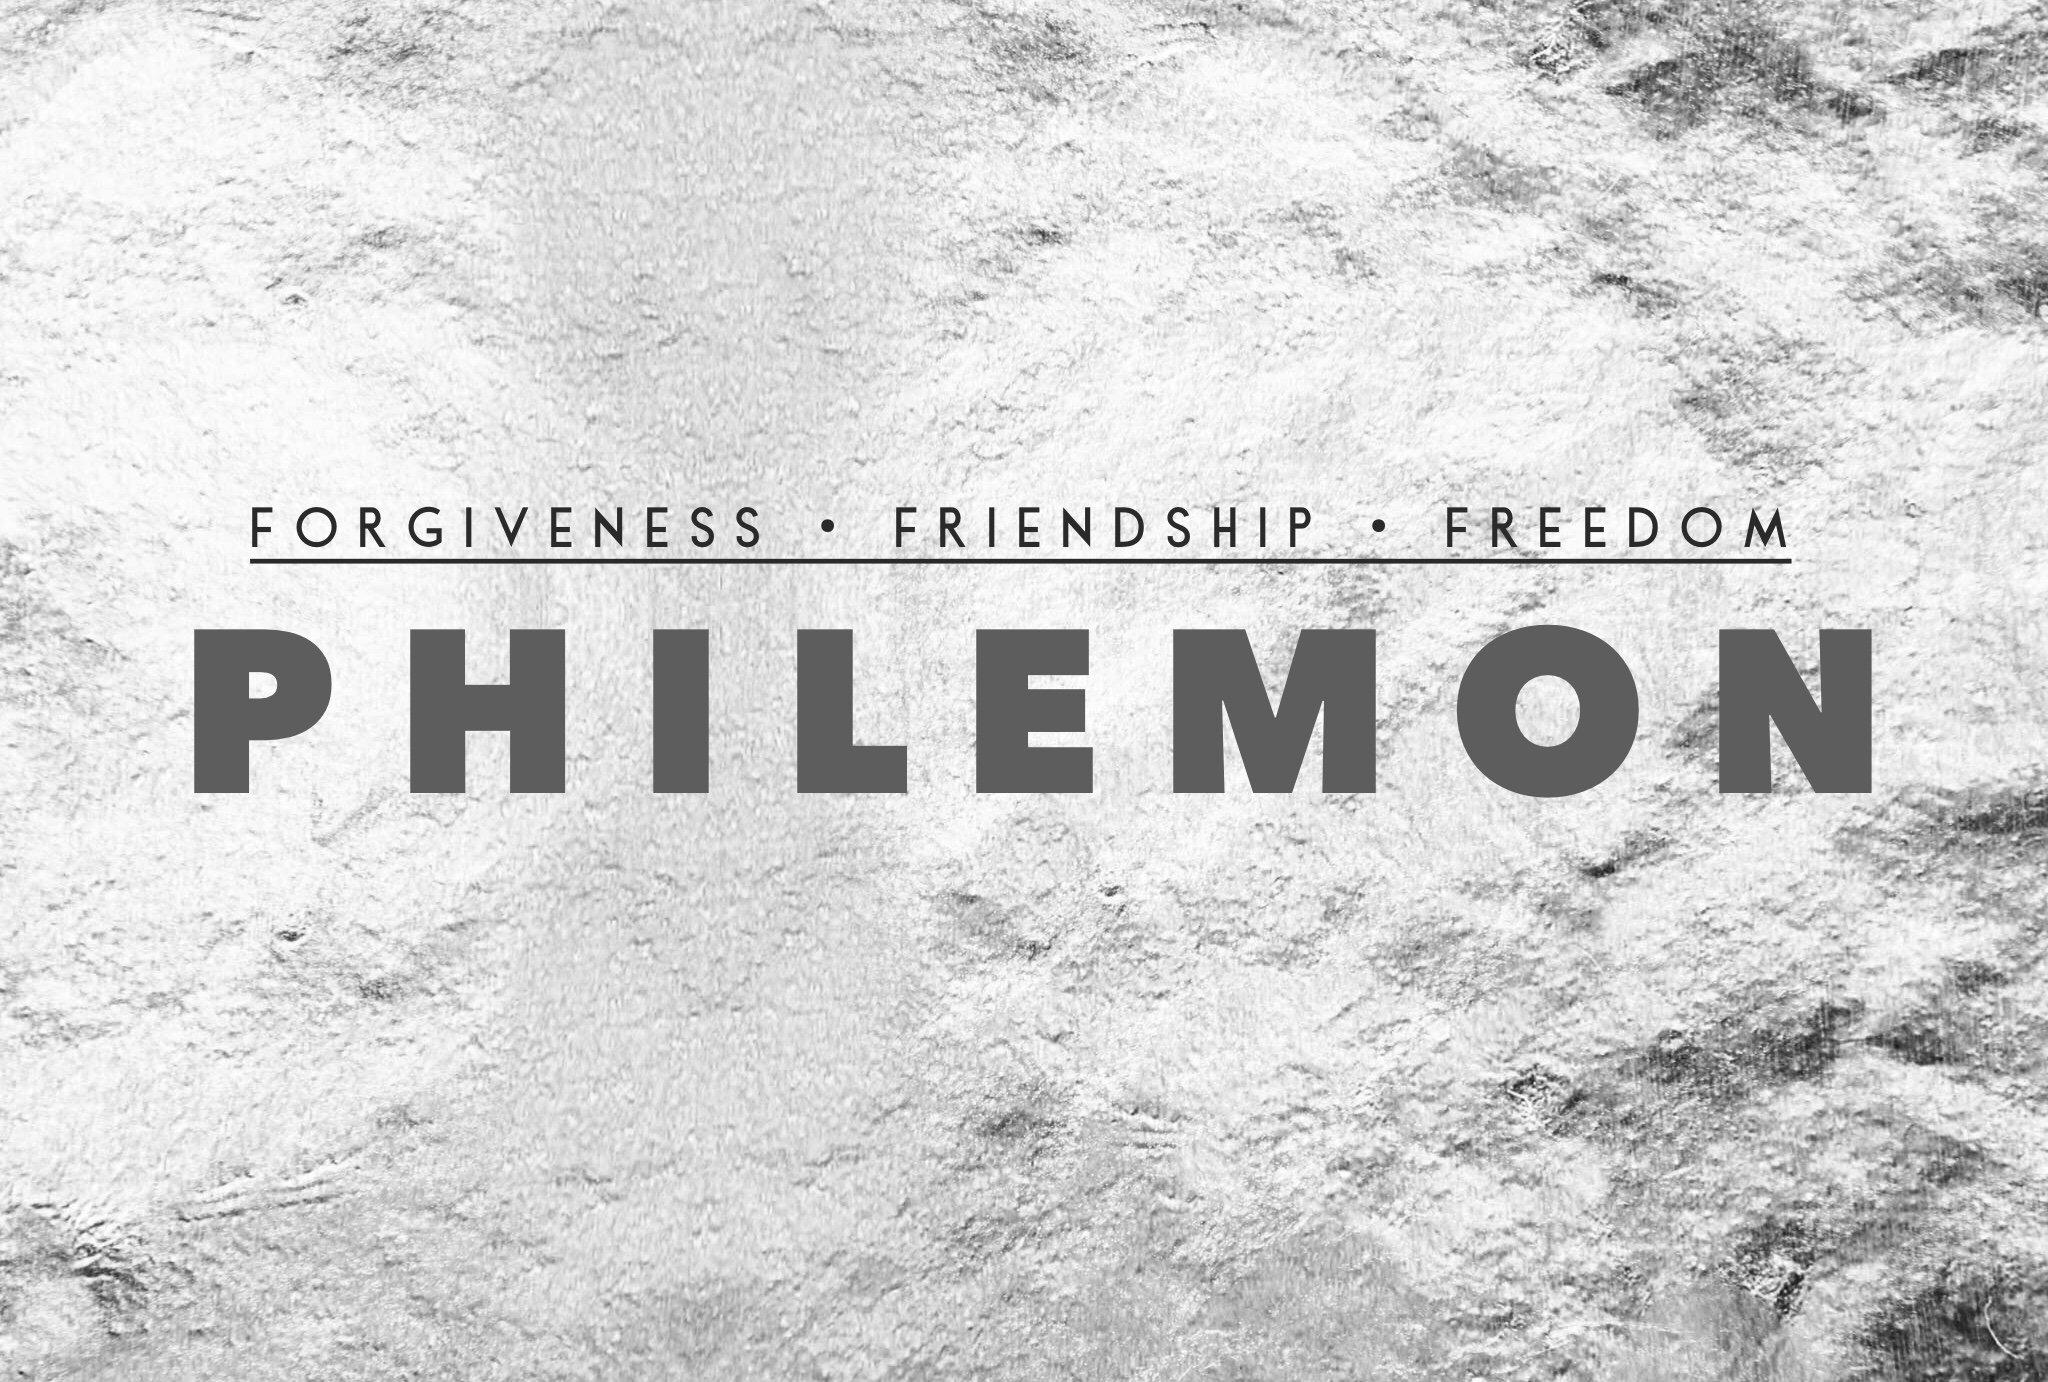 Philemon: Step #2 to Forgiveness | West Side Church